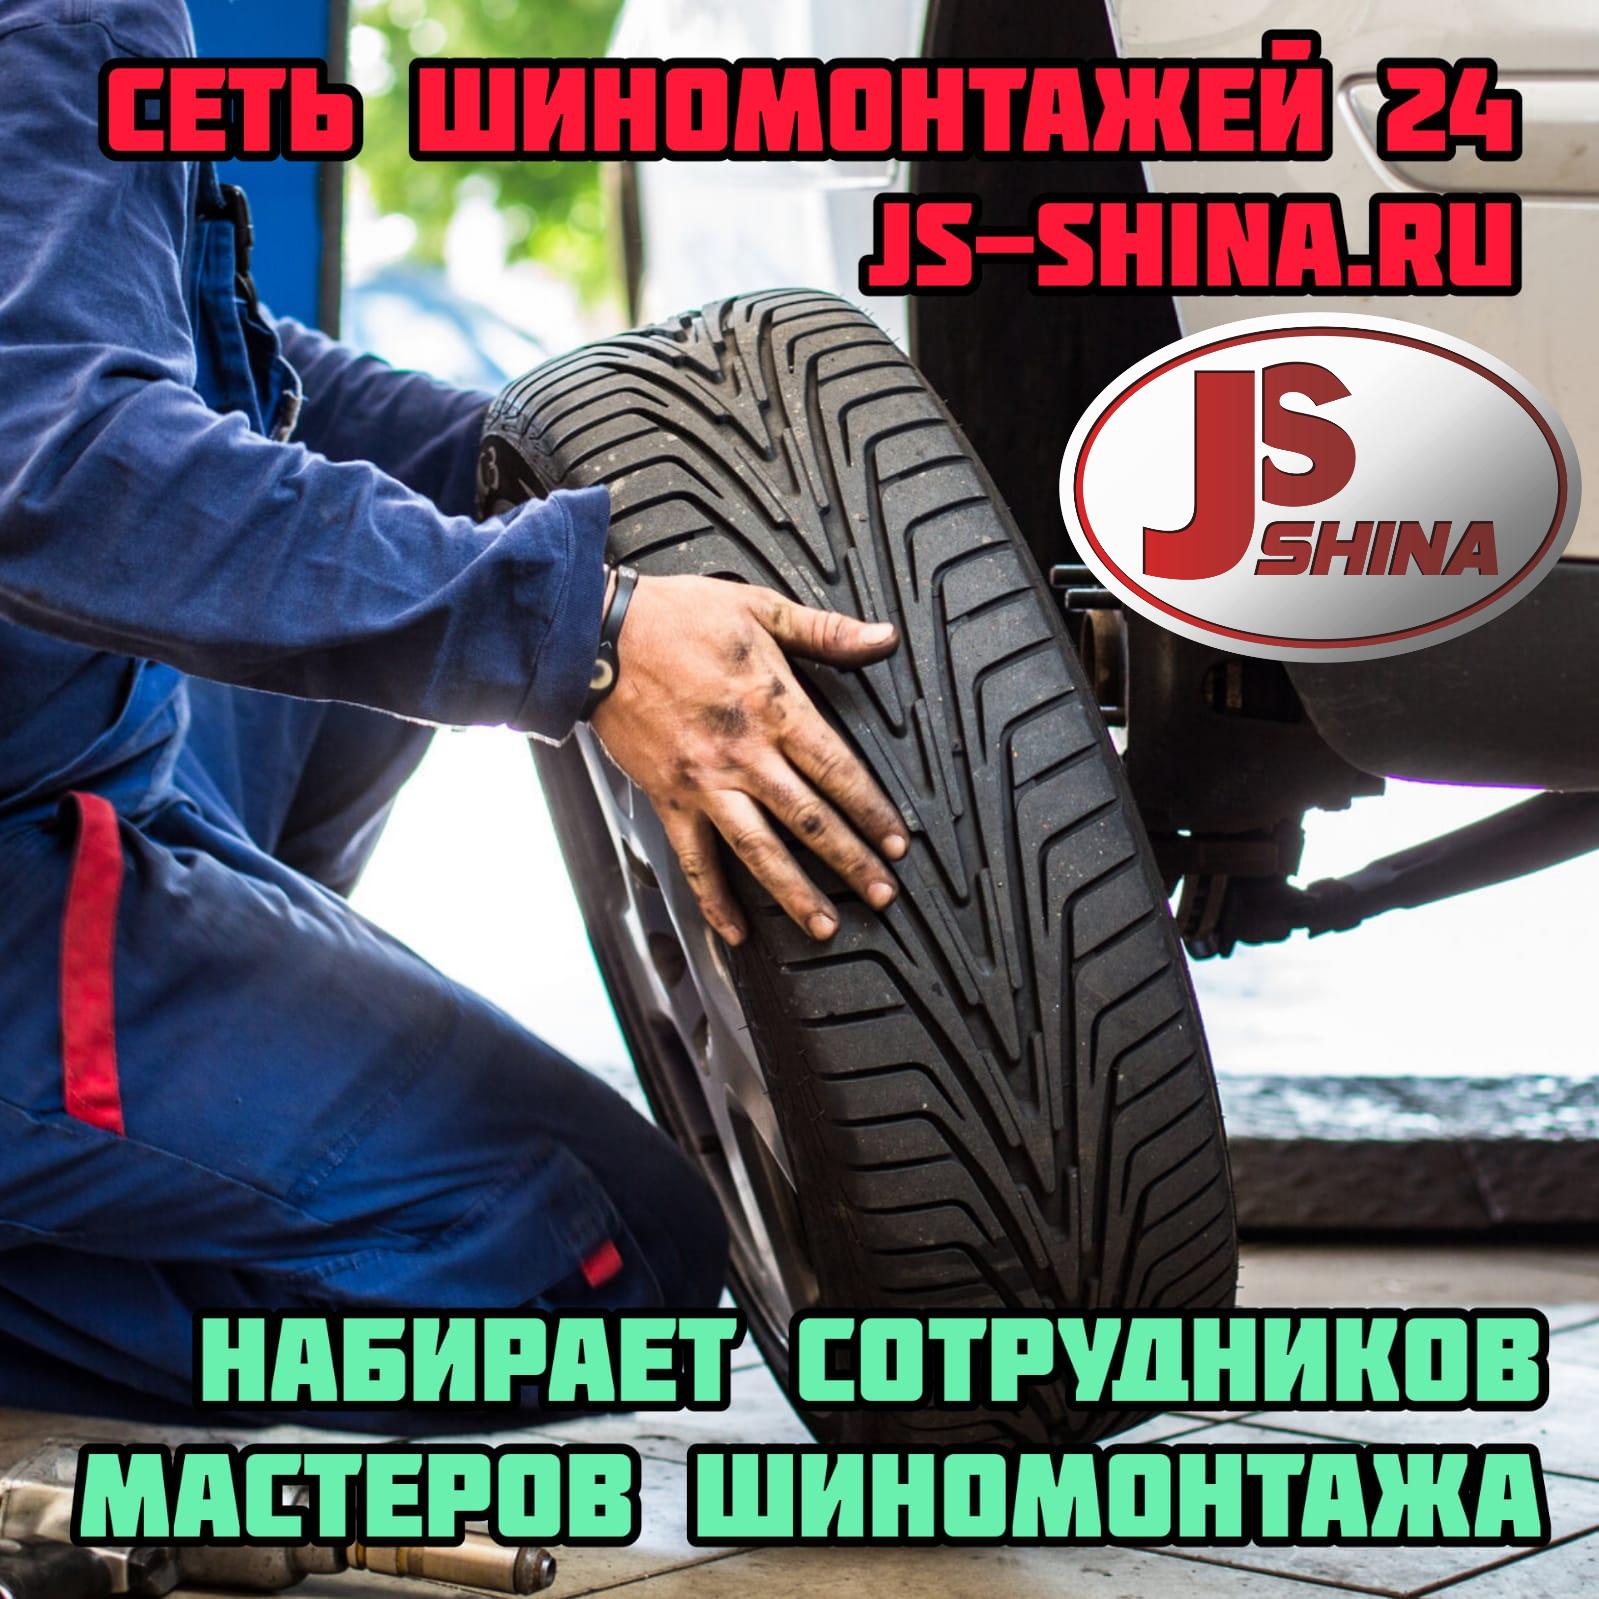 Работа в шиномонтаже вакансия шиномонтажник в Санкт-Петербурге